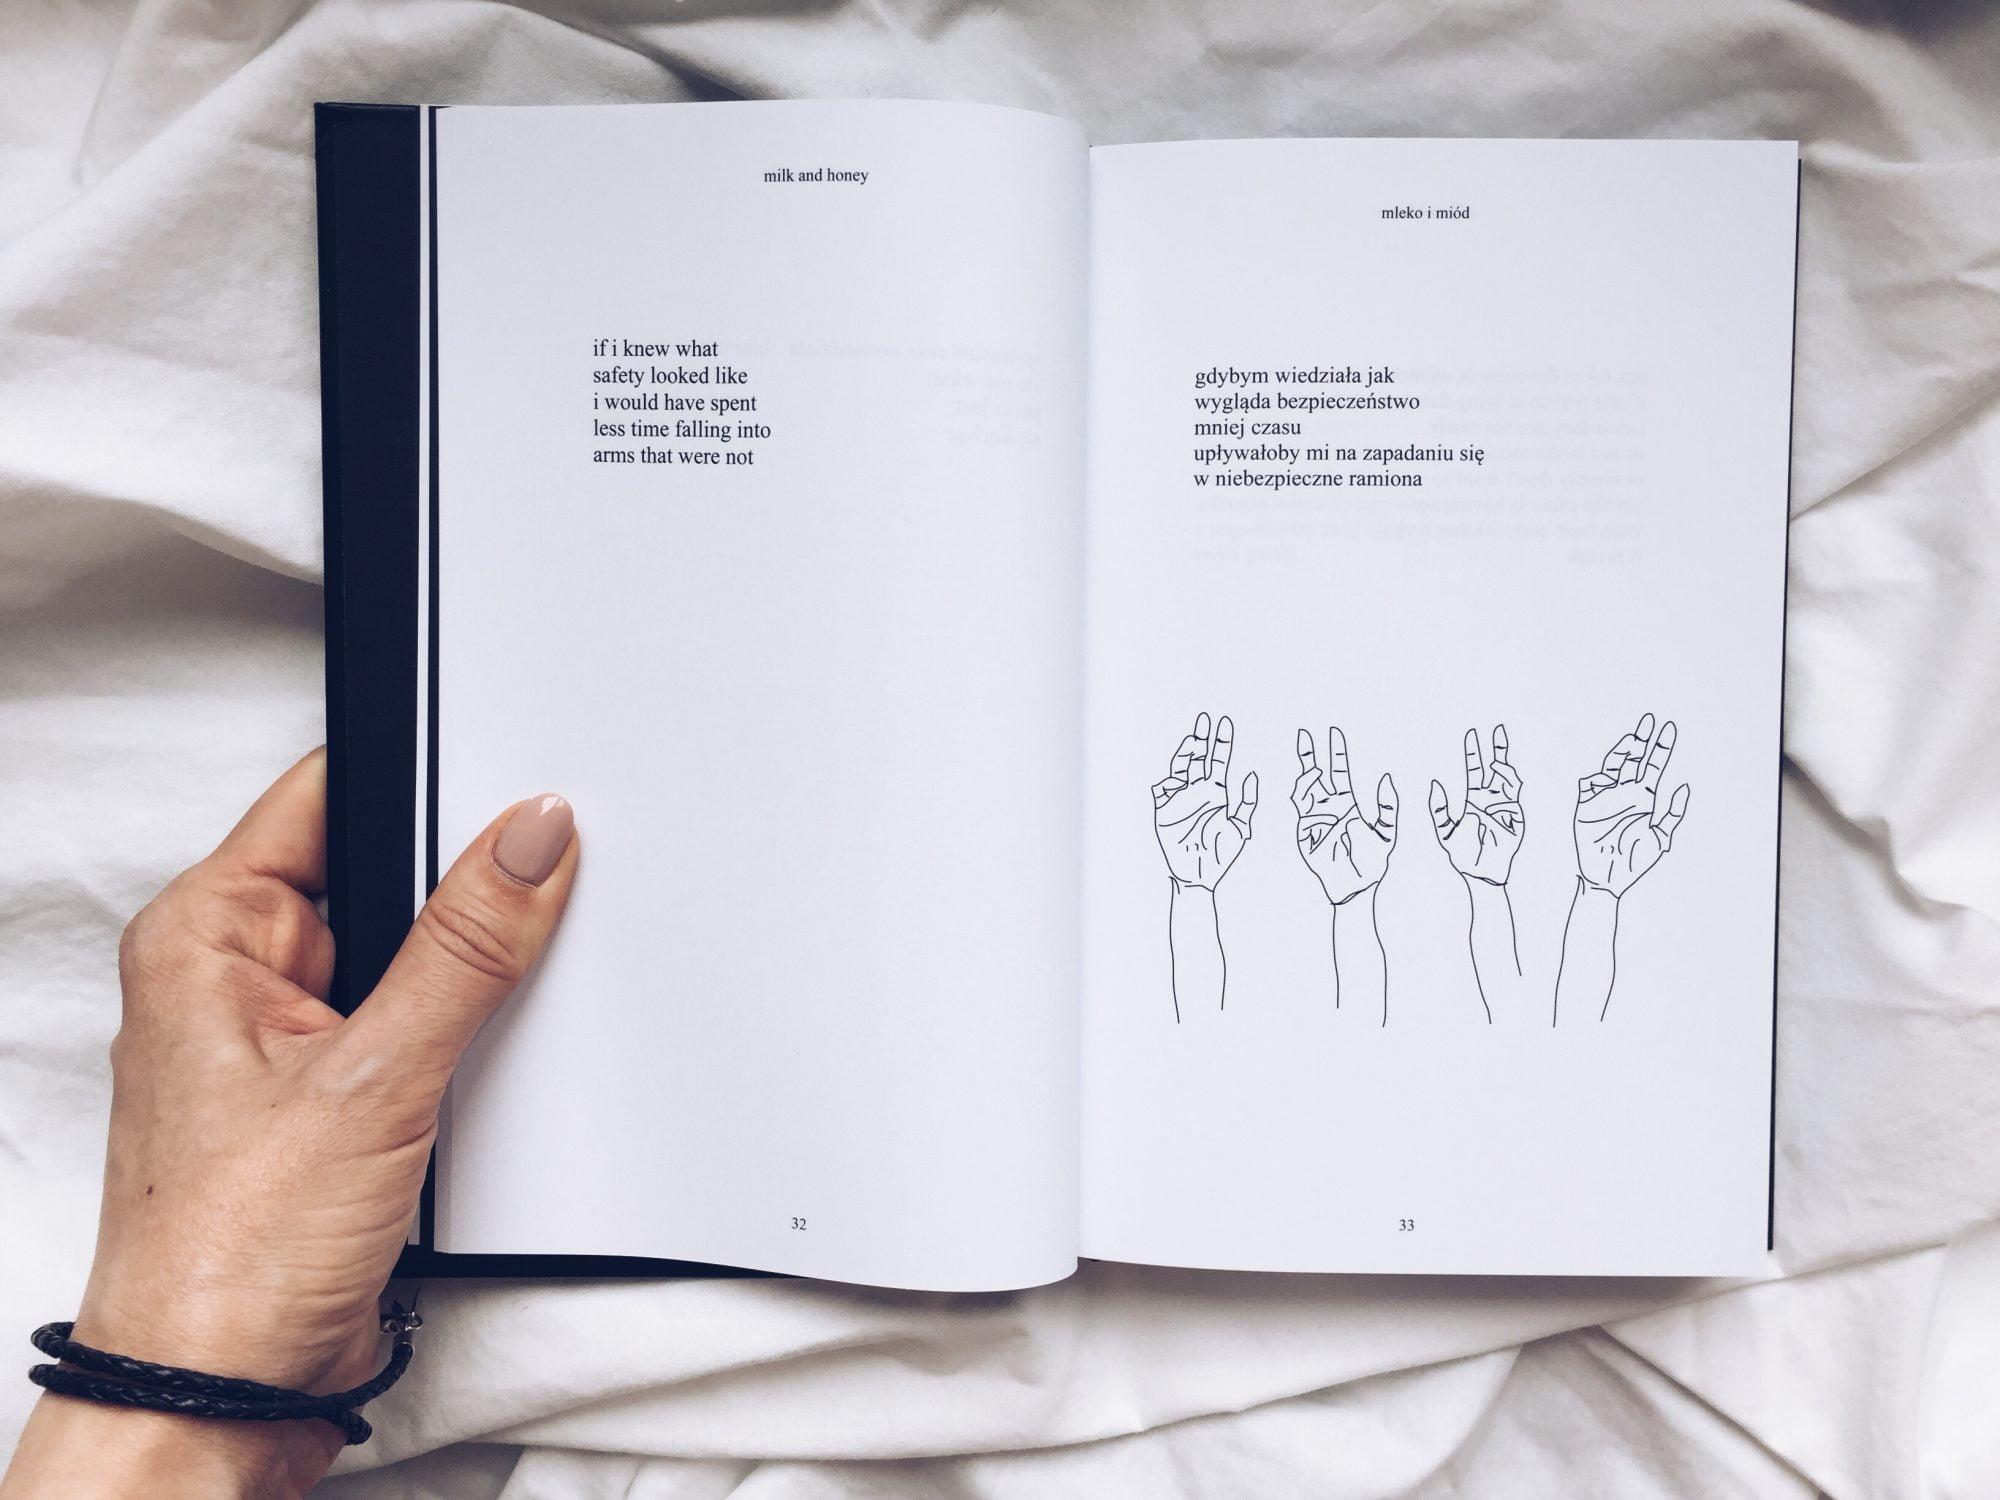 Mleko I Miód Rupi Kaur Książka O Kobietach Dla Kobiet